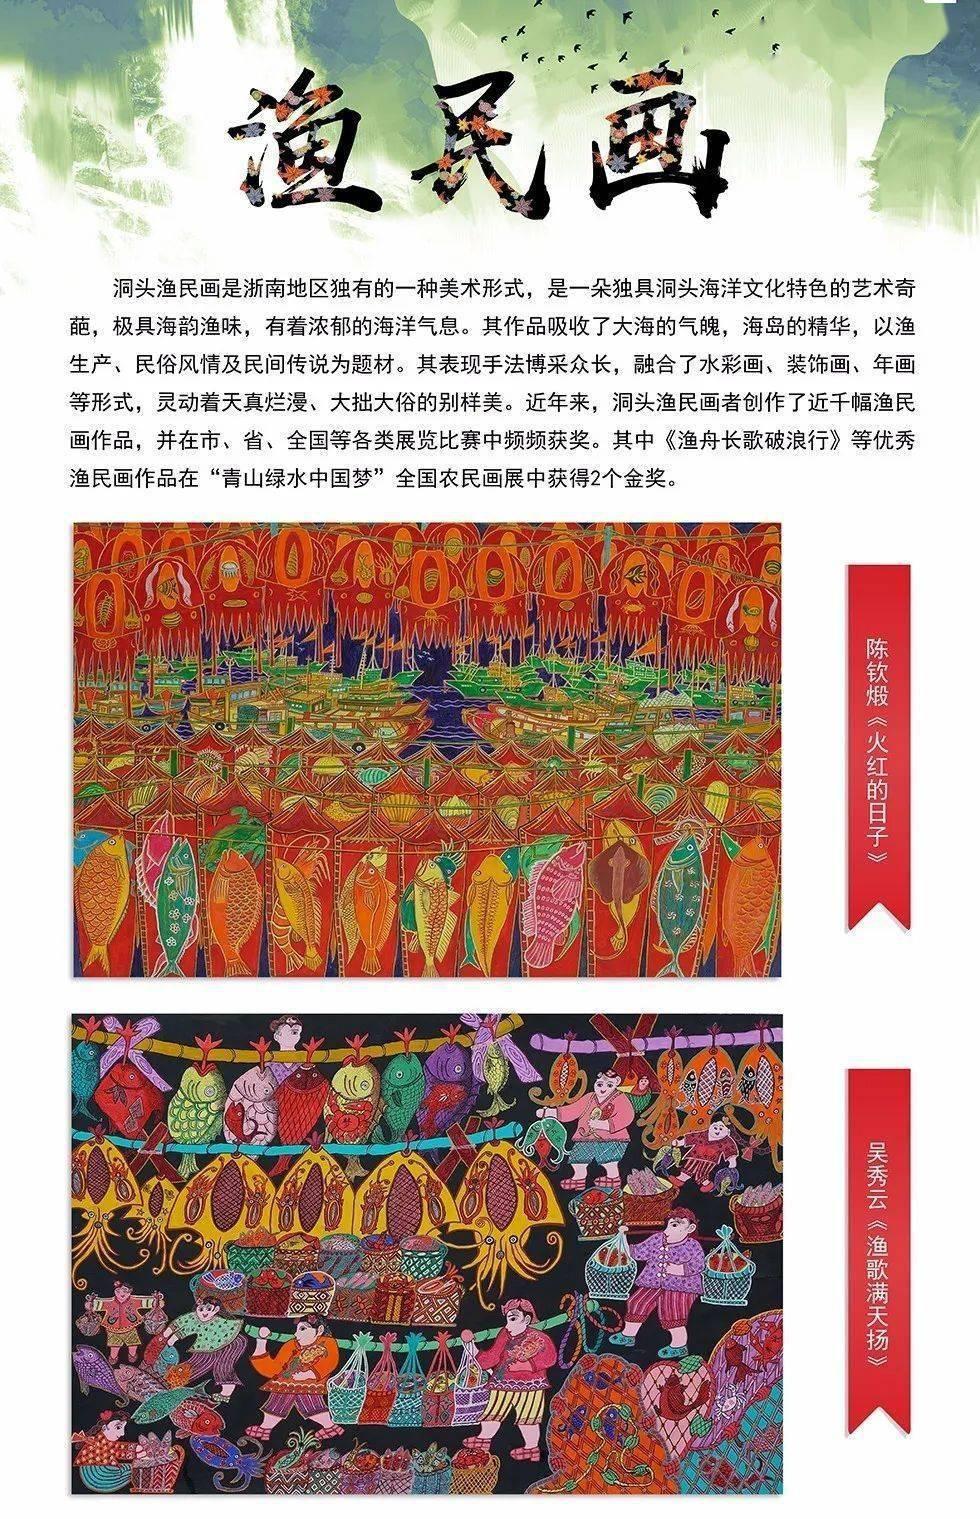 2020 文化和自然遗产日 来啦,温州非遗宣传展示活动将启动